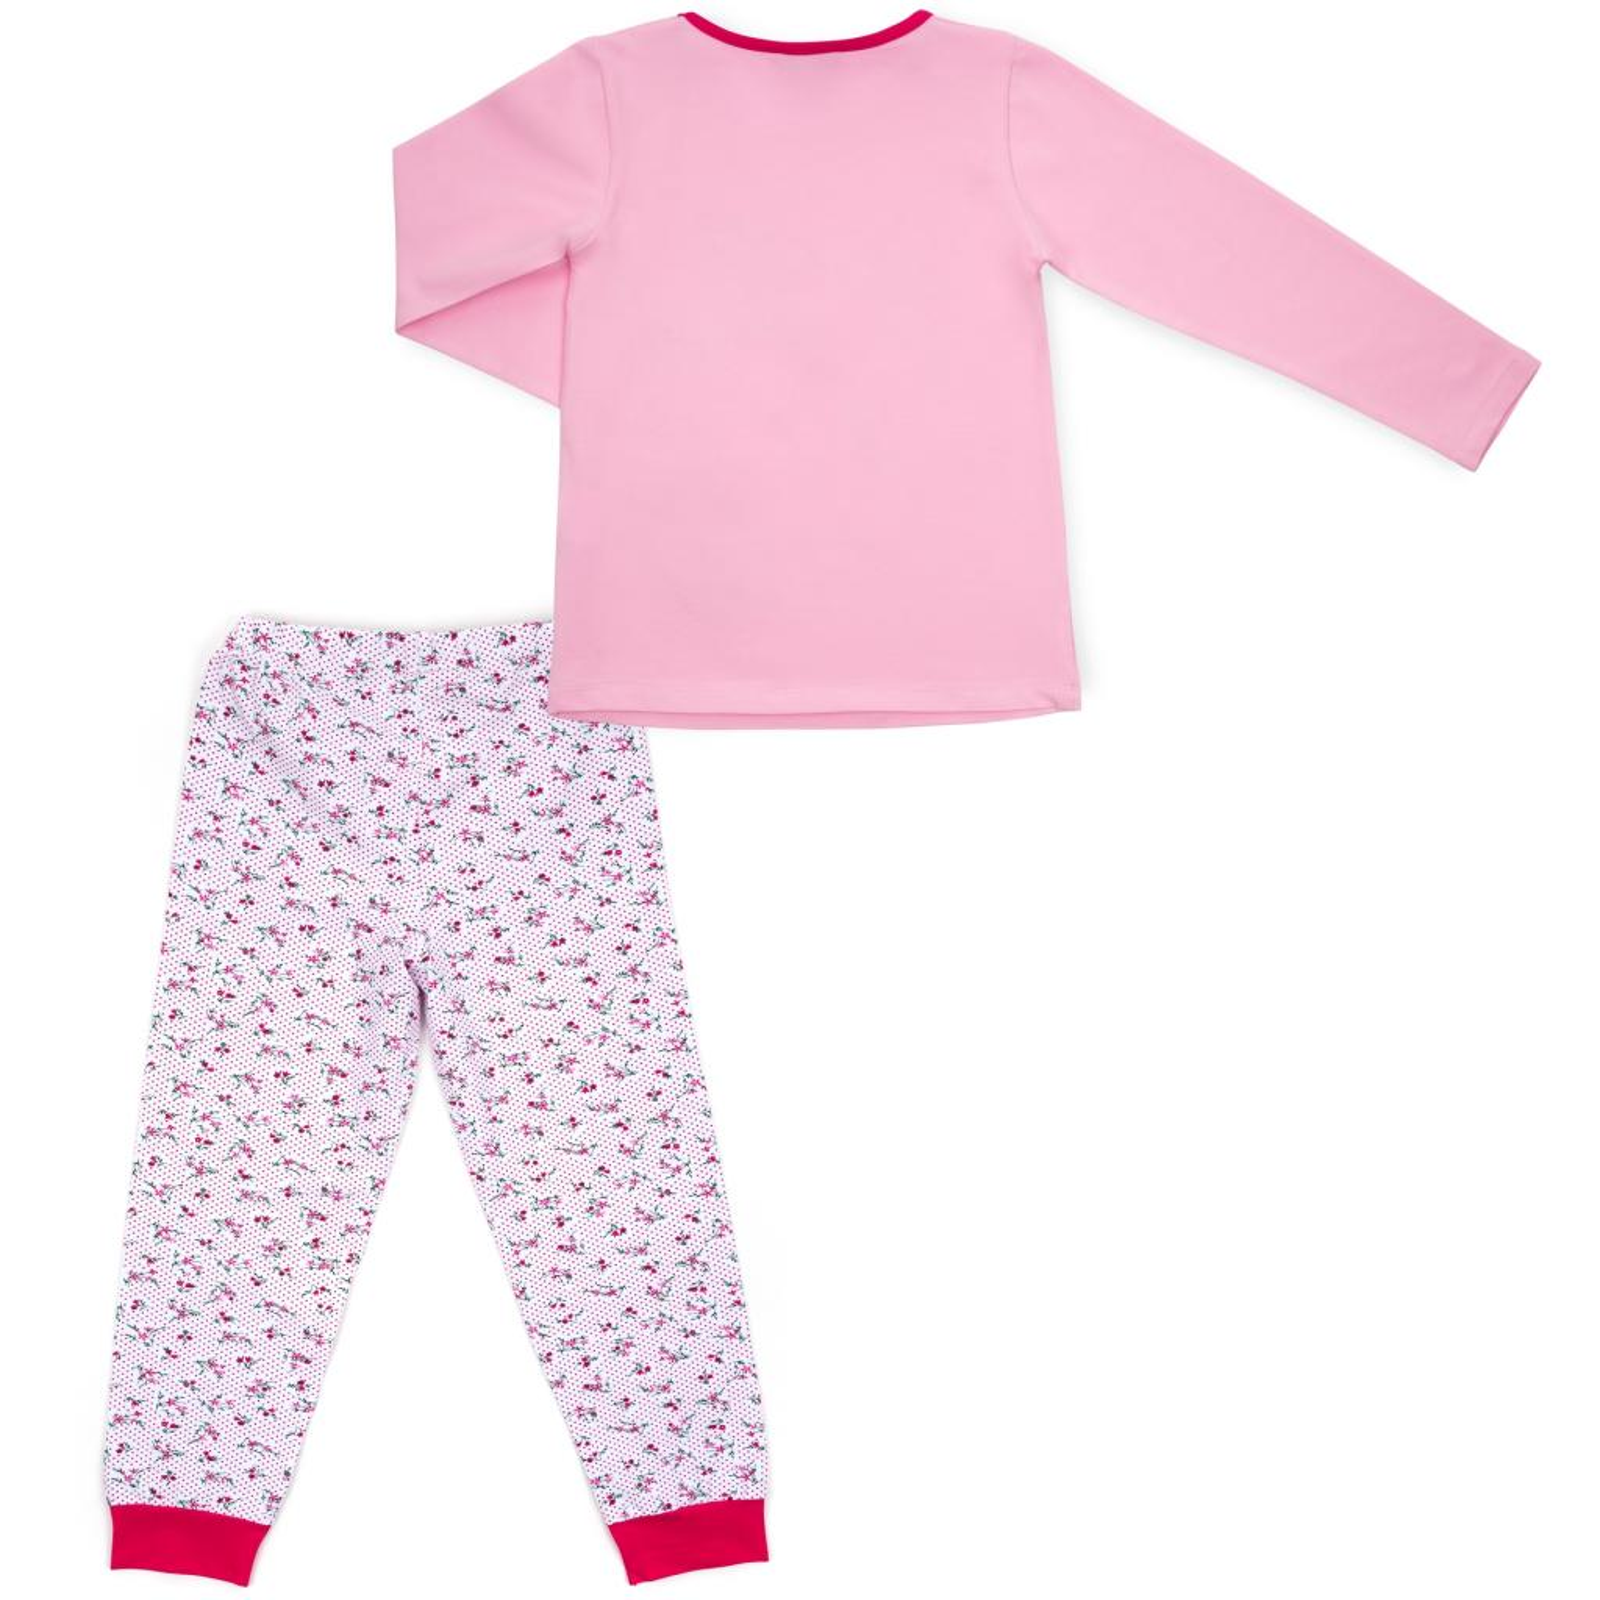 Пижама Matilda с оленями (10817-3-122G-pink) изображение 4